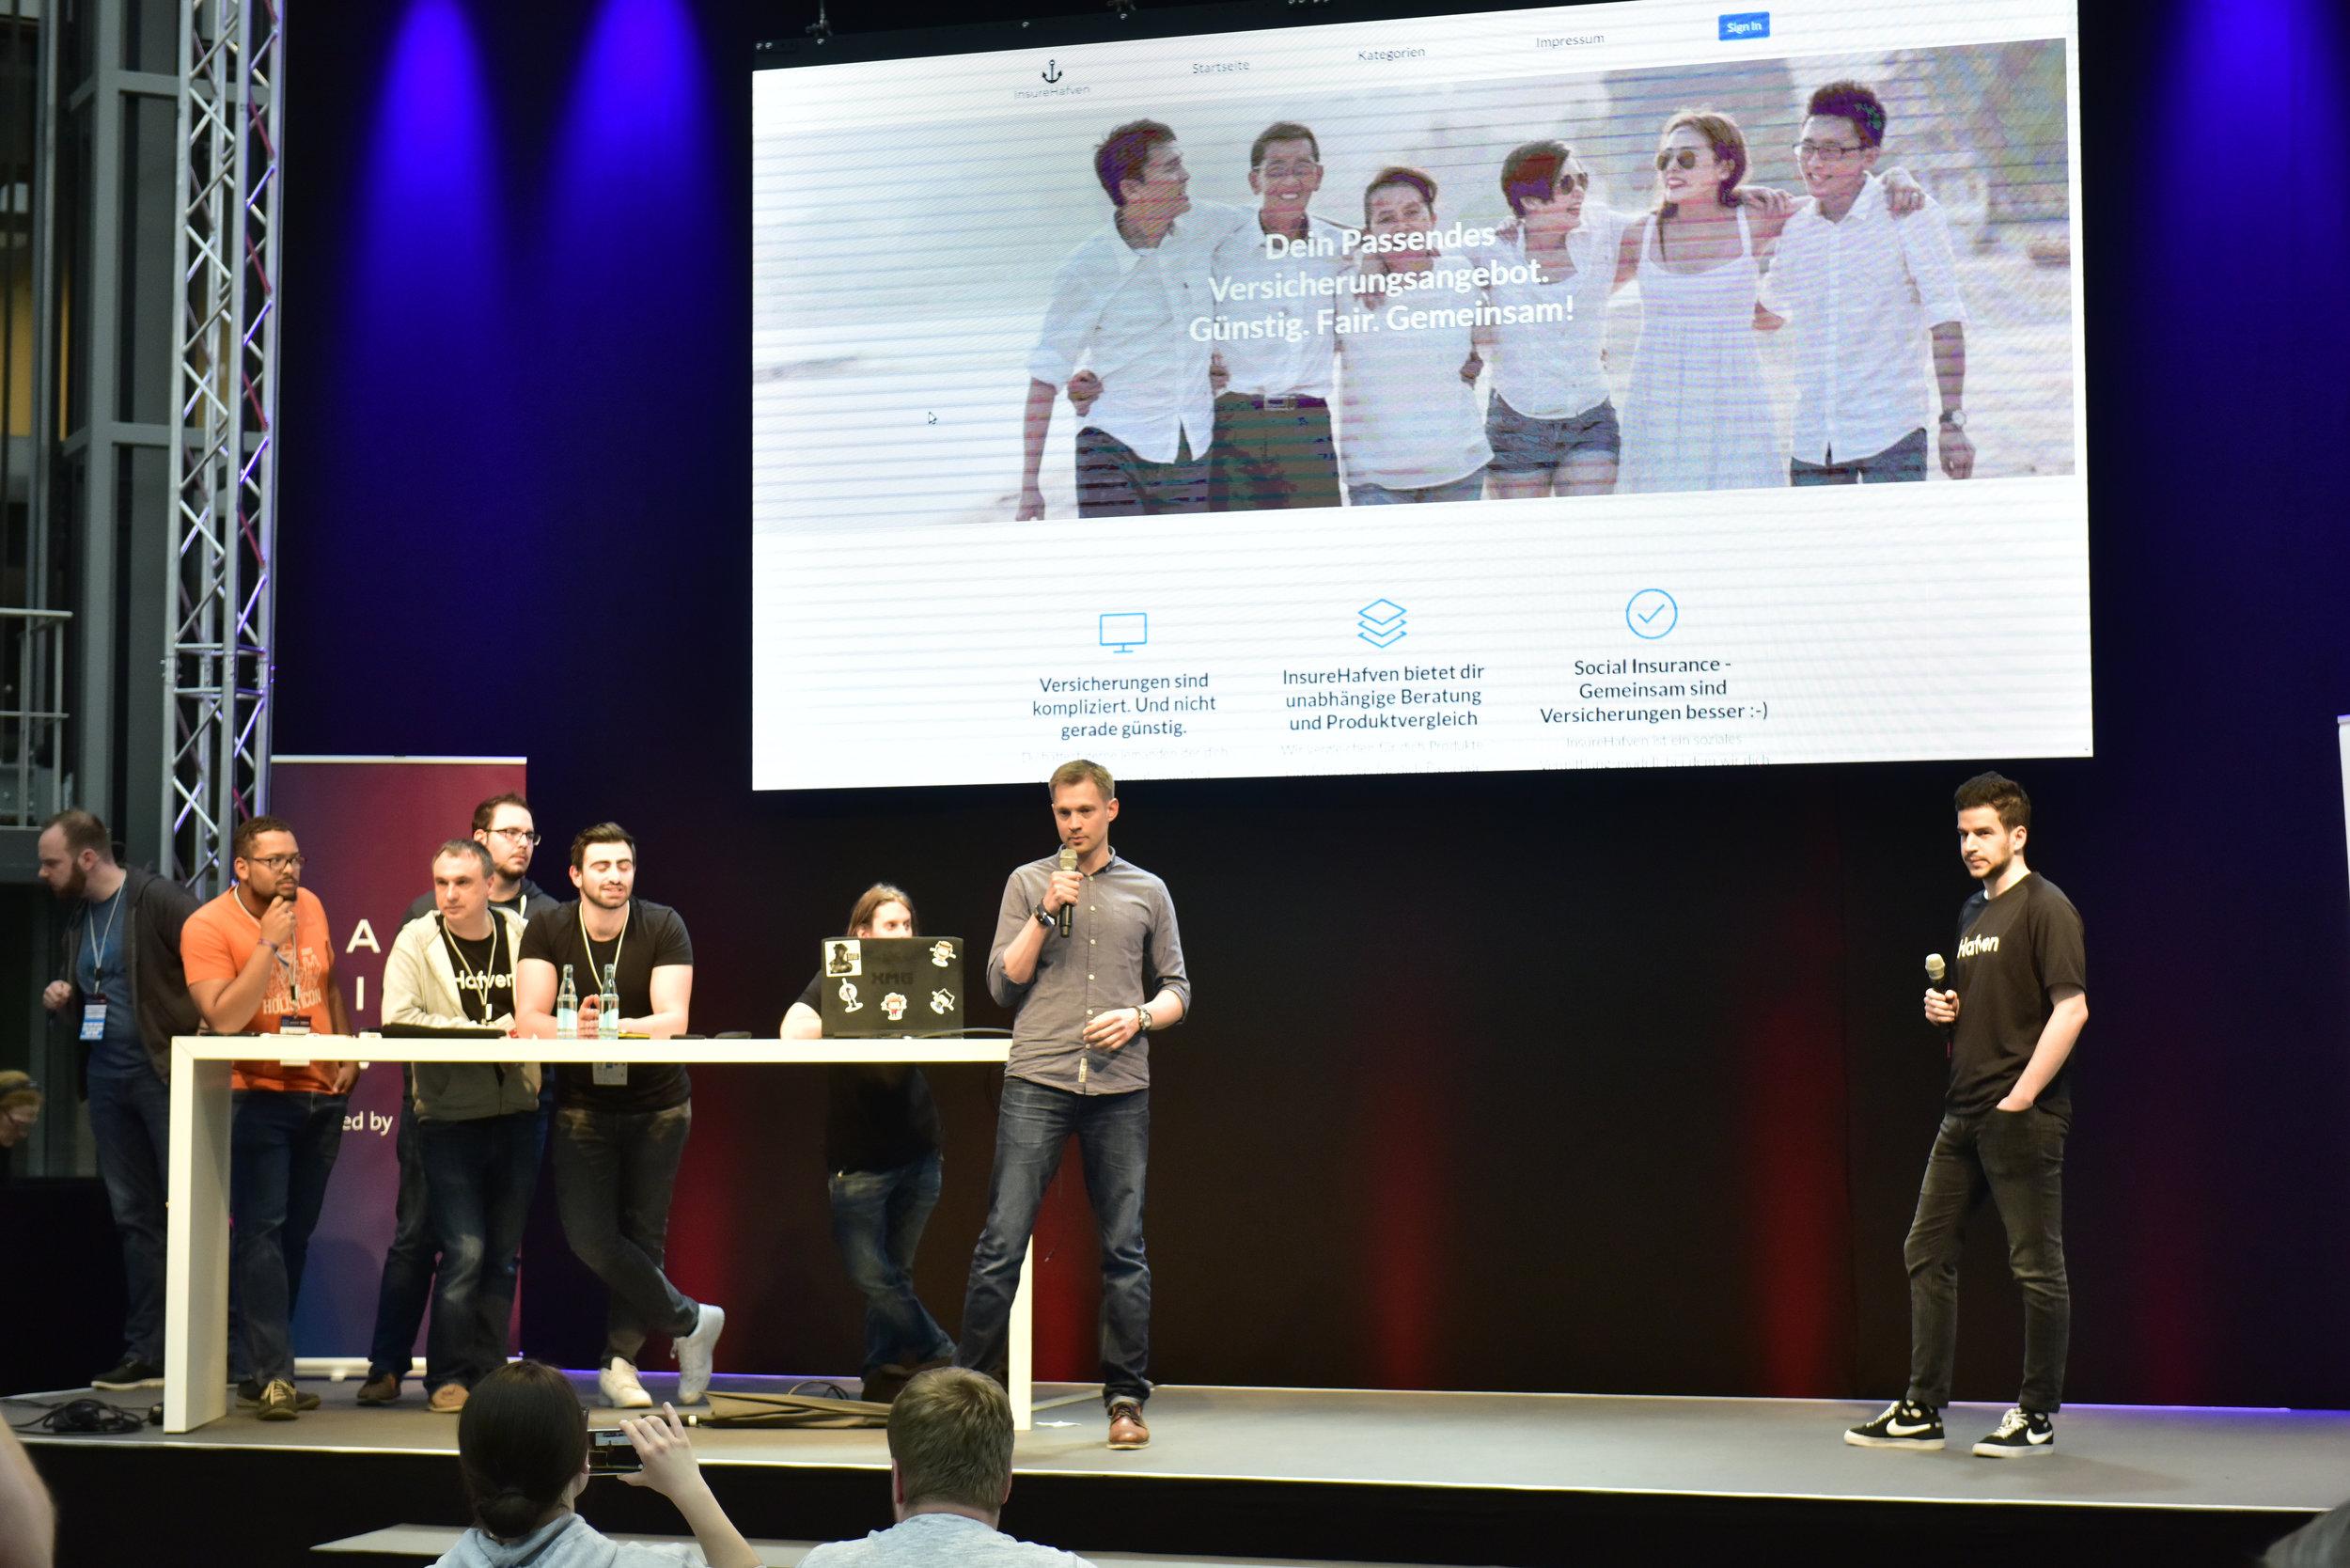 Kaleb und Stefanos pitchen der Jury die Idee. Foto: www.scheffen.de